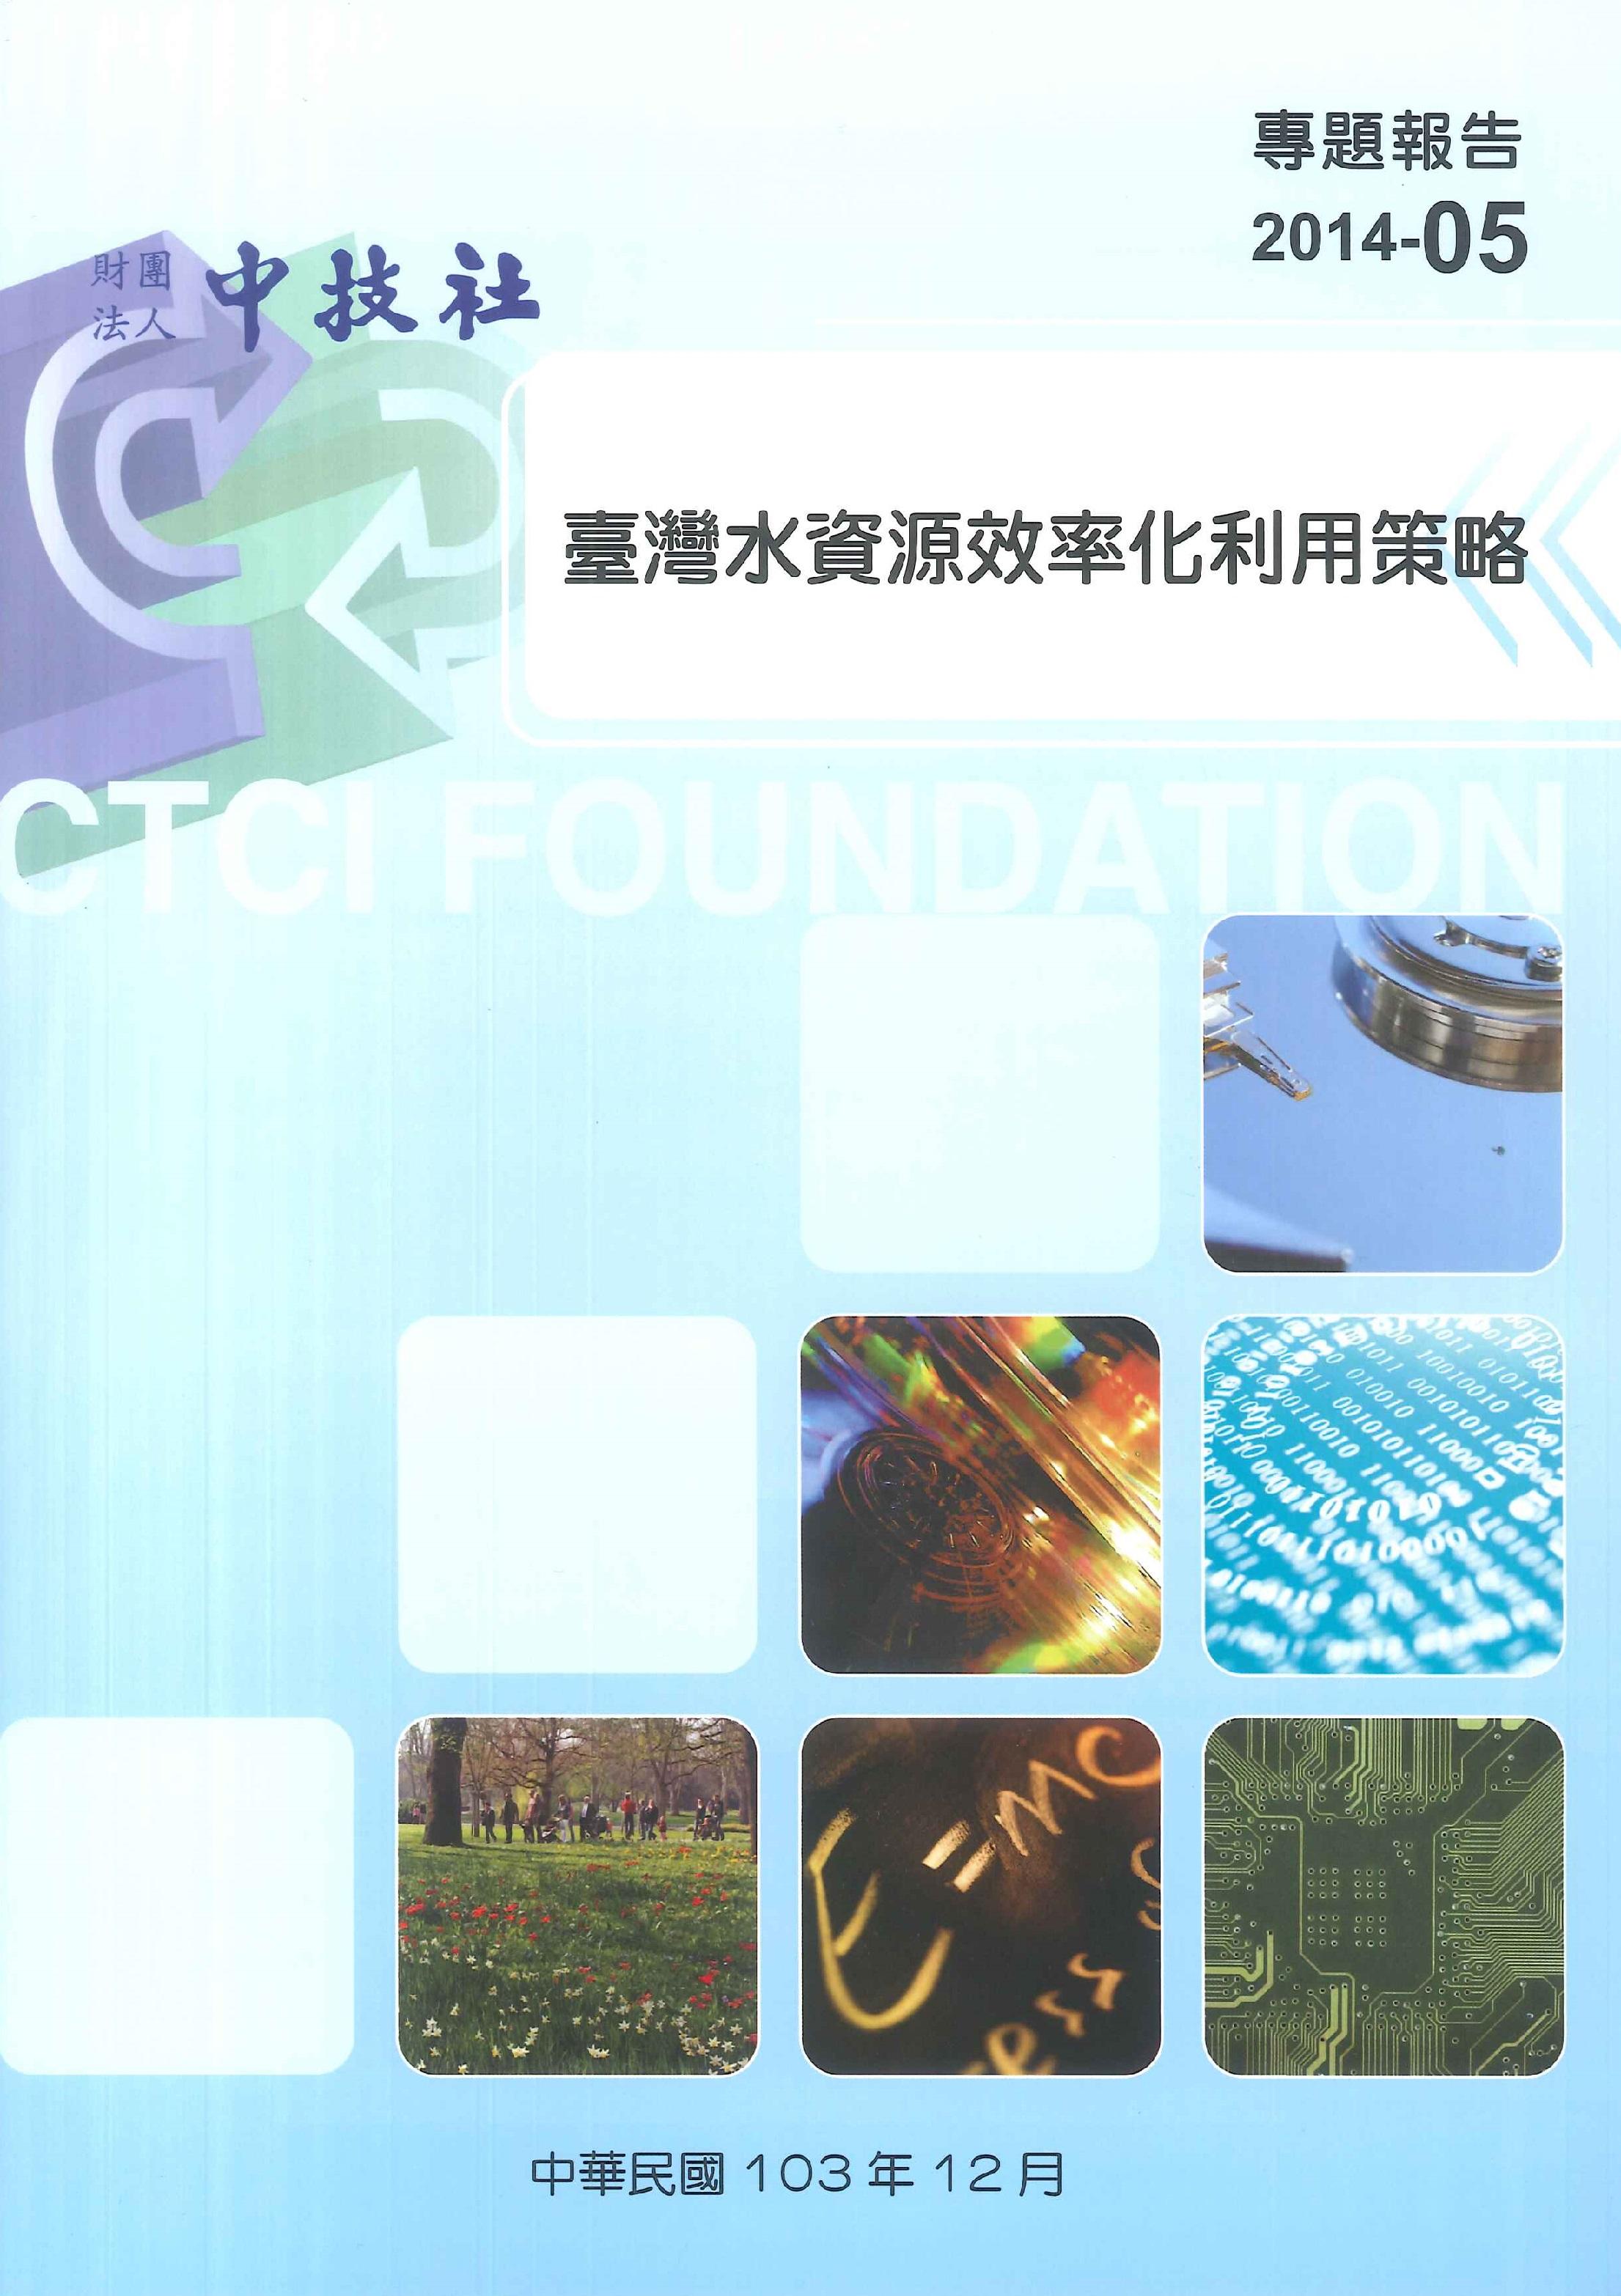 臺灣水資源效率化利用策略